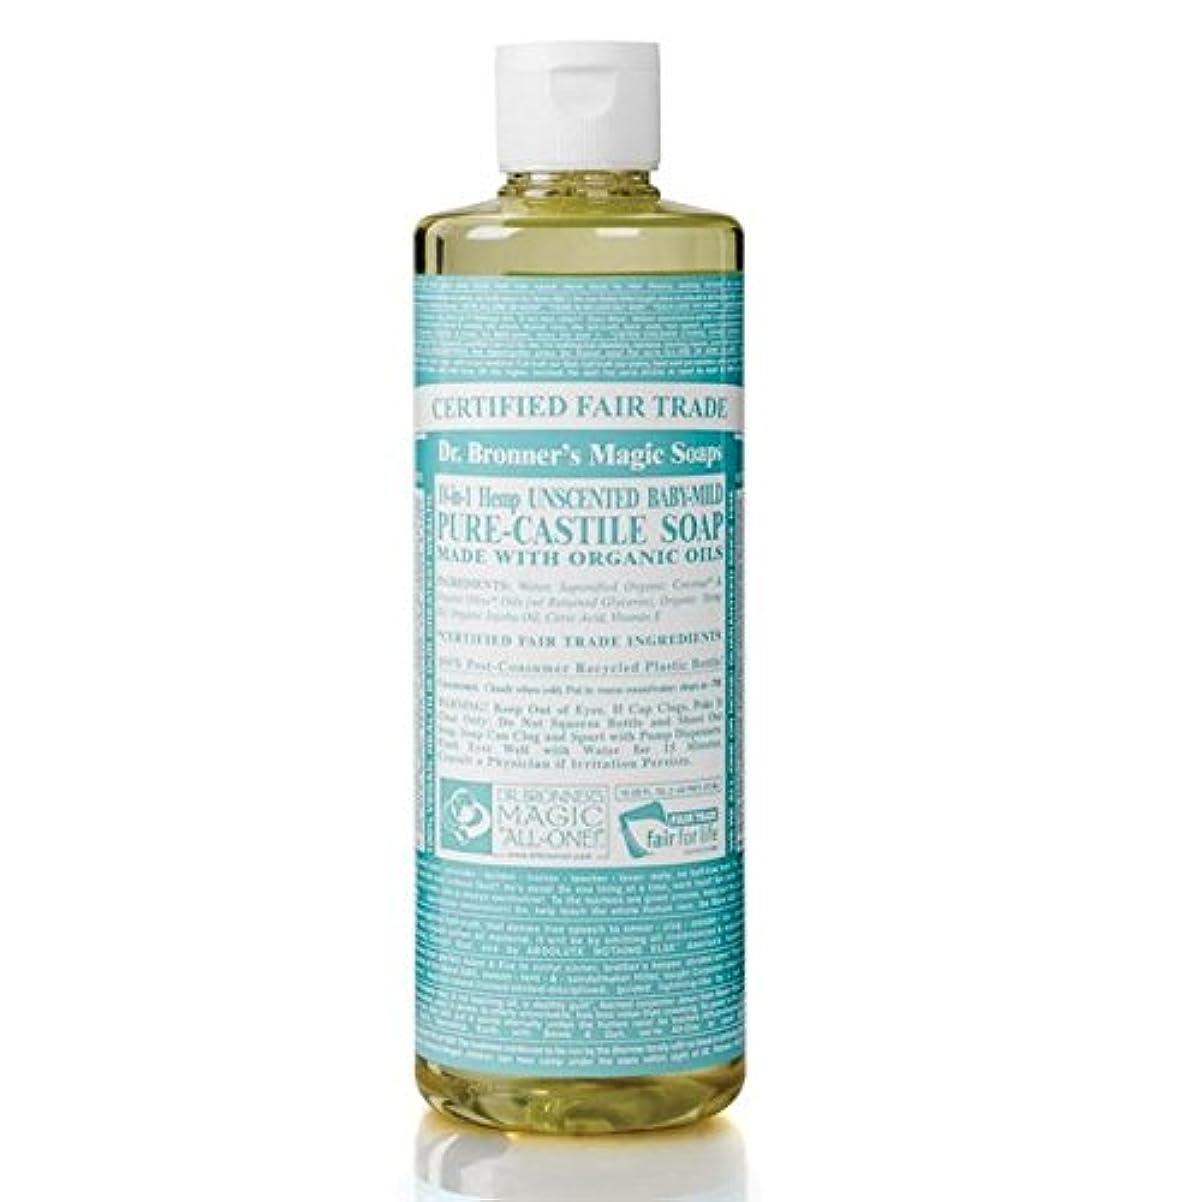 昆虫を見るオーナーシートDr Bronner Organic Baby Mild Castile Liquid Soap 473ml - のブロナーオーガニックベビーマイルドなカスティーリャ液体石鹸473ミリリットル [並行輸入品]